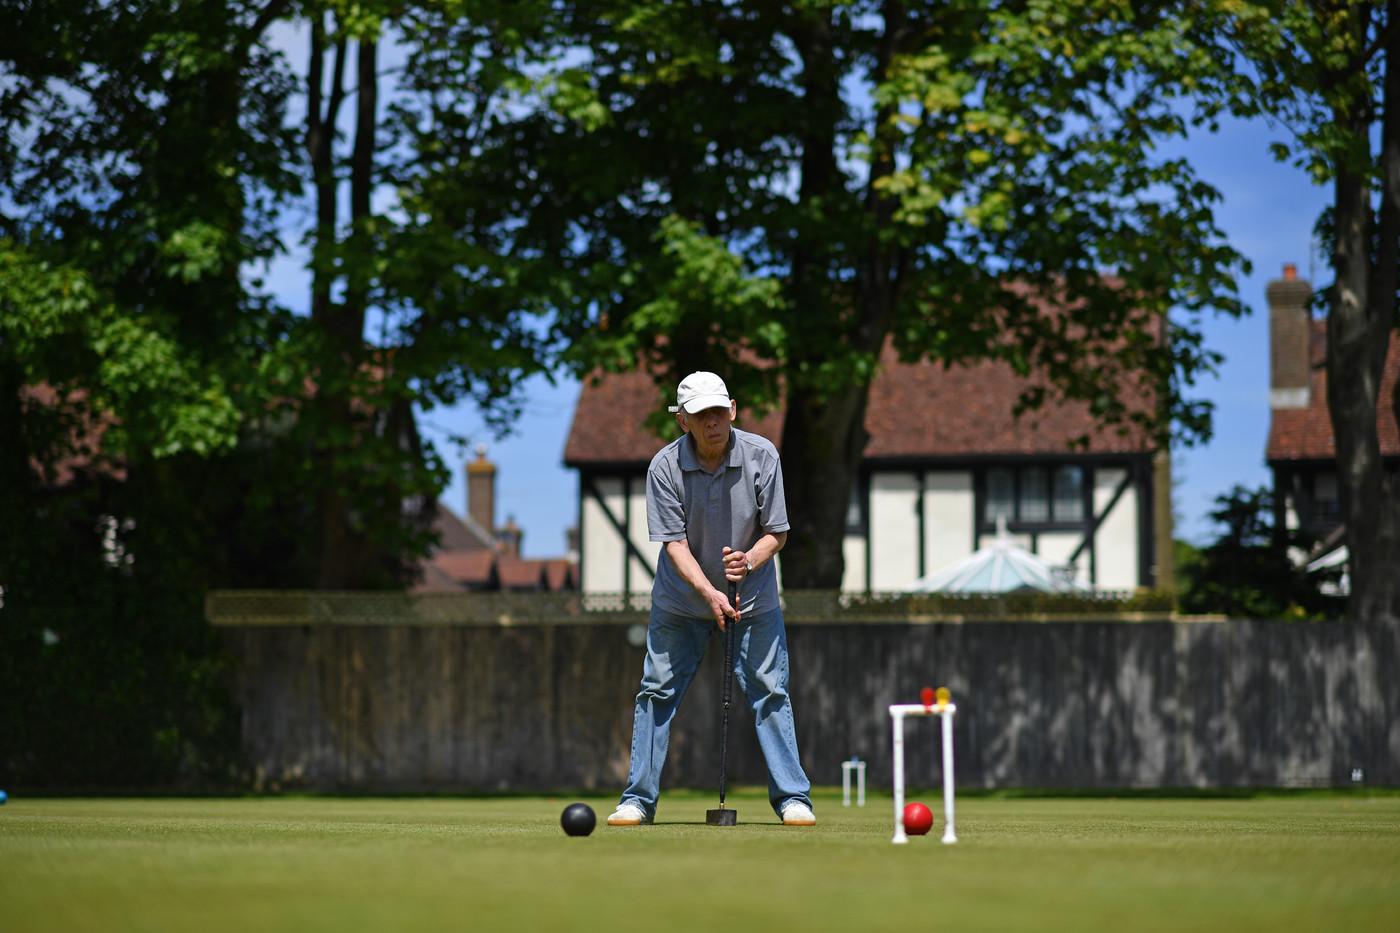 En Grande-Bretagne, le croquet se veut sport idéal de la distanciation